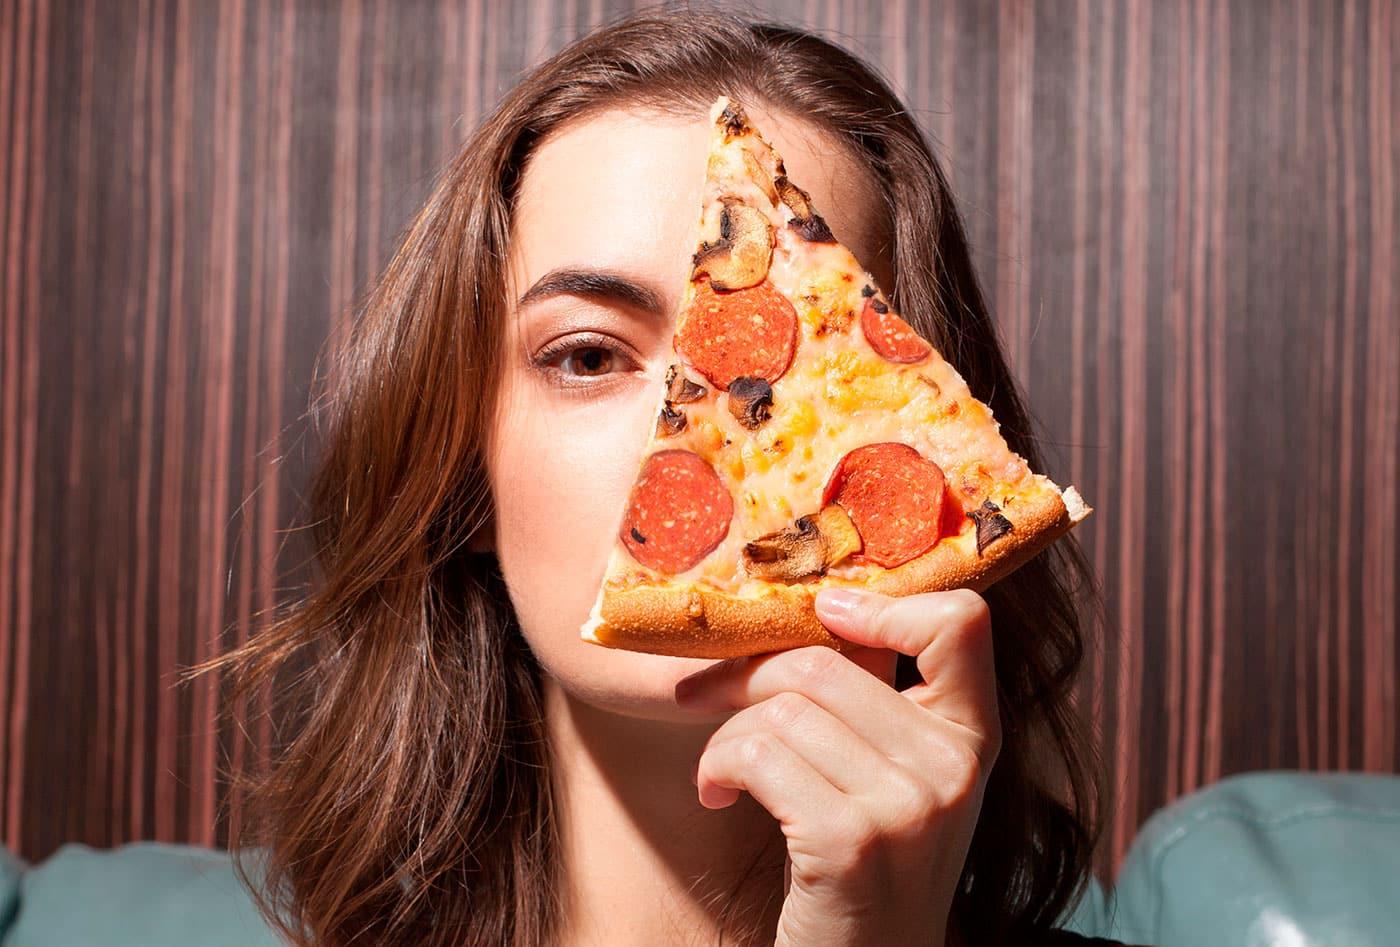 """""""No puedo dejar de comer"""". Crónica de un comedor compulsivo"""